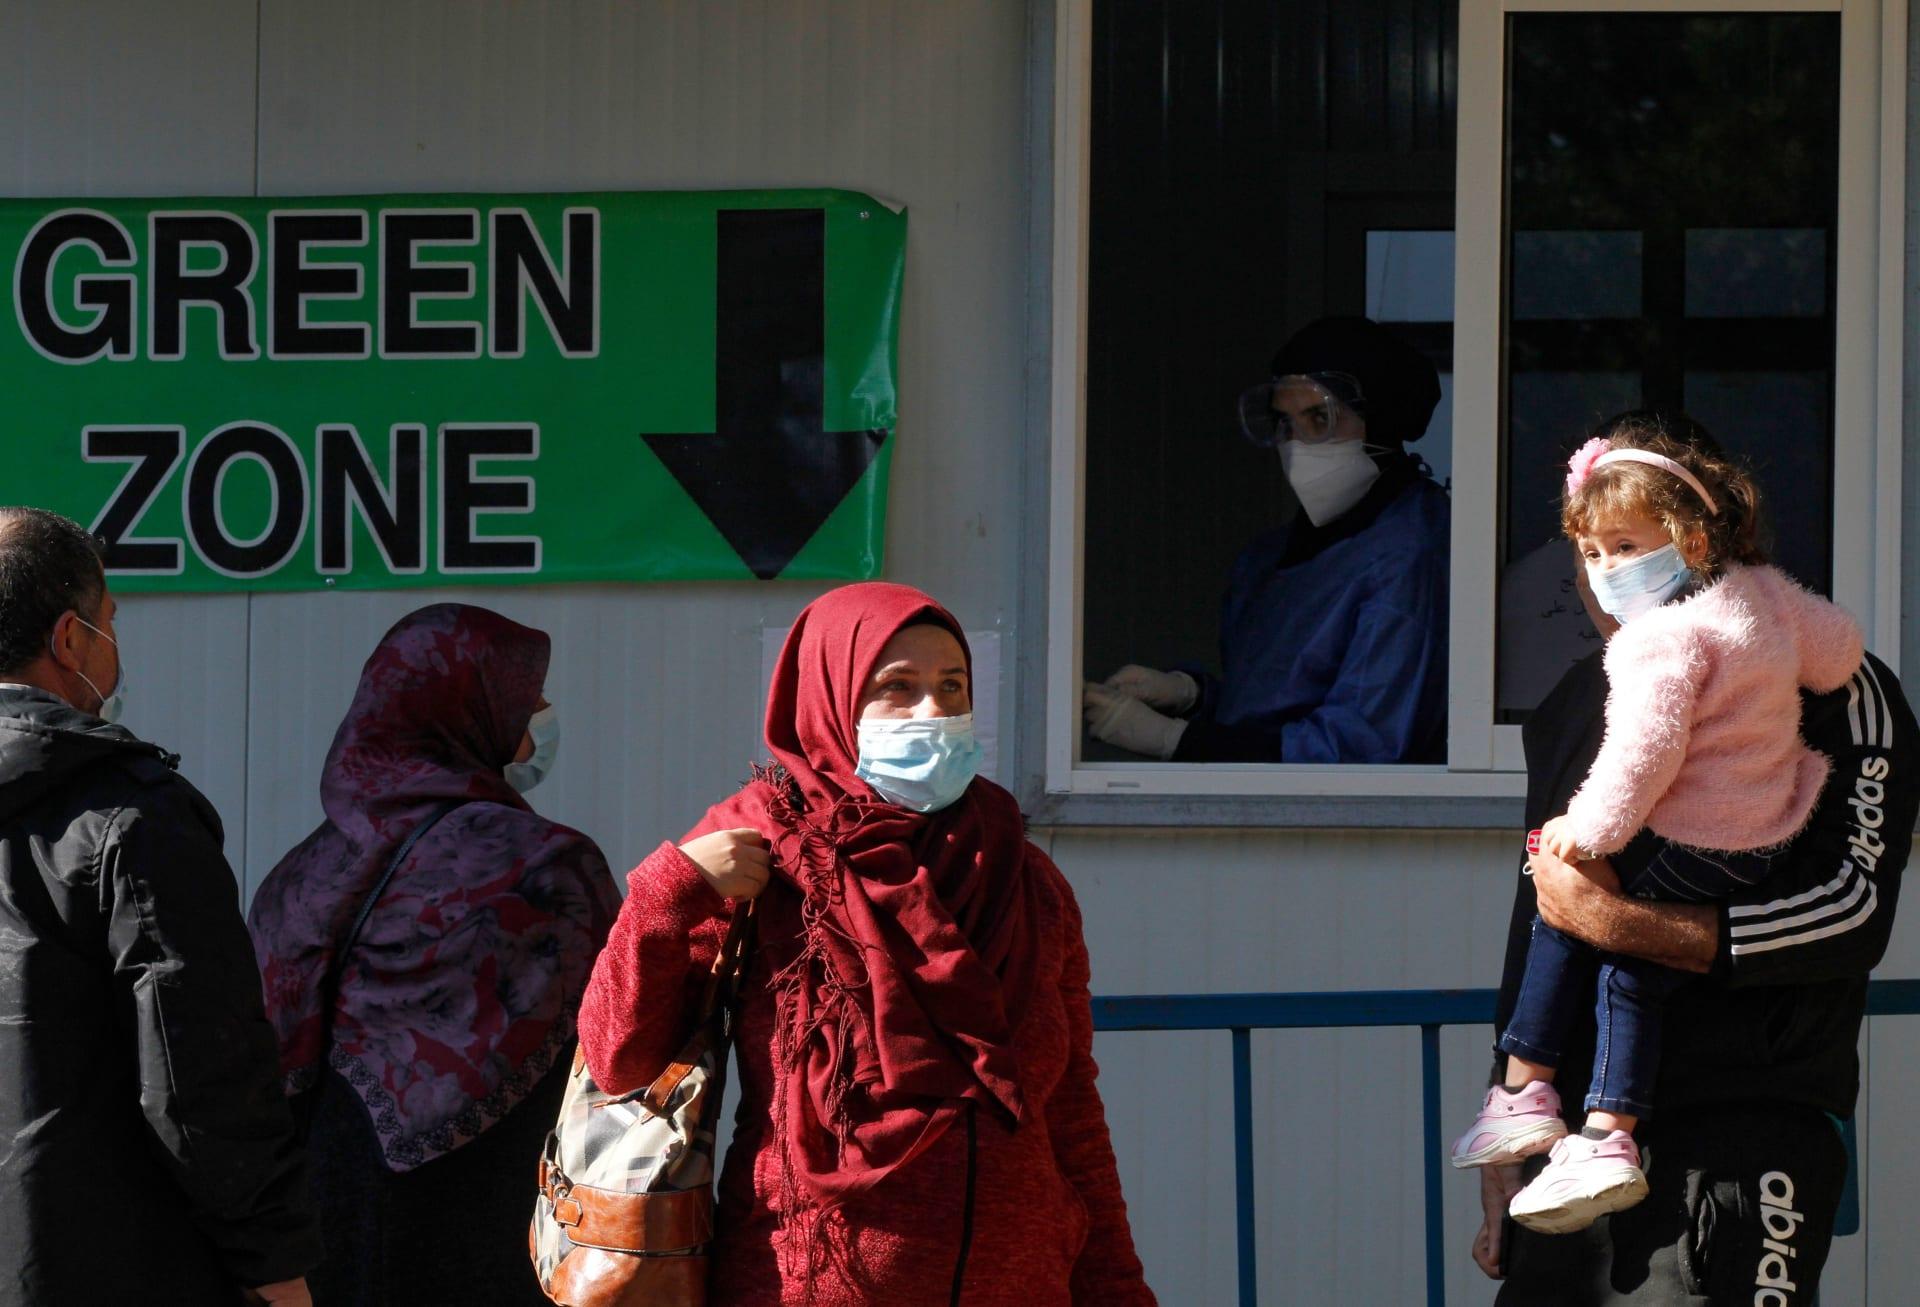 لبنان يمنح إذن استخدام طارئ للقاح سبوتنيك - في الروسي وسط تفاقم أزمة كورونا